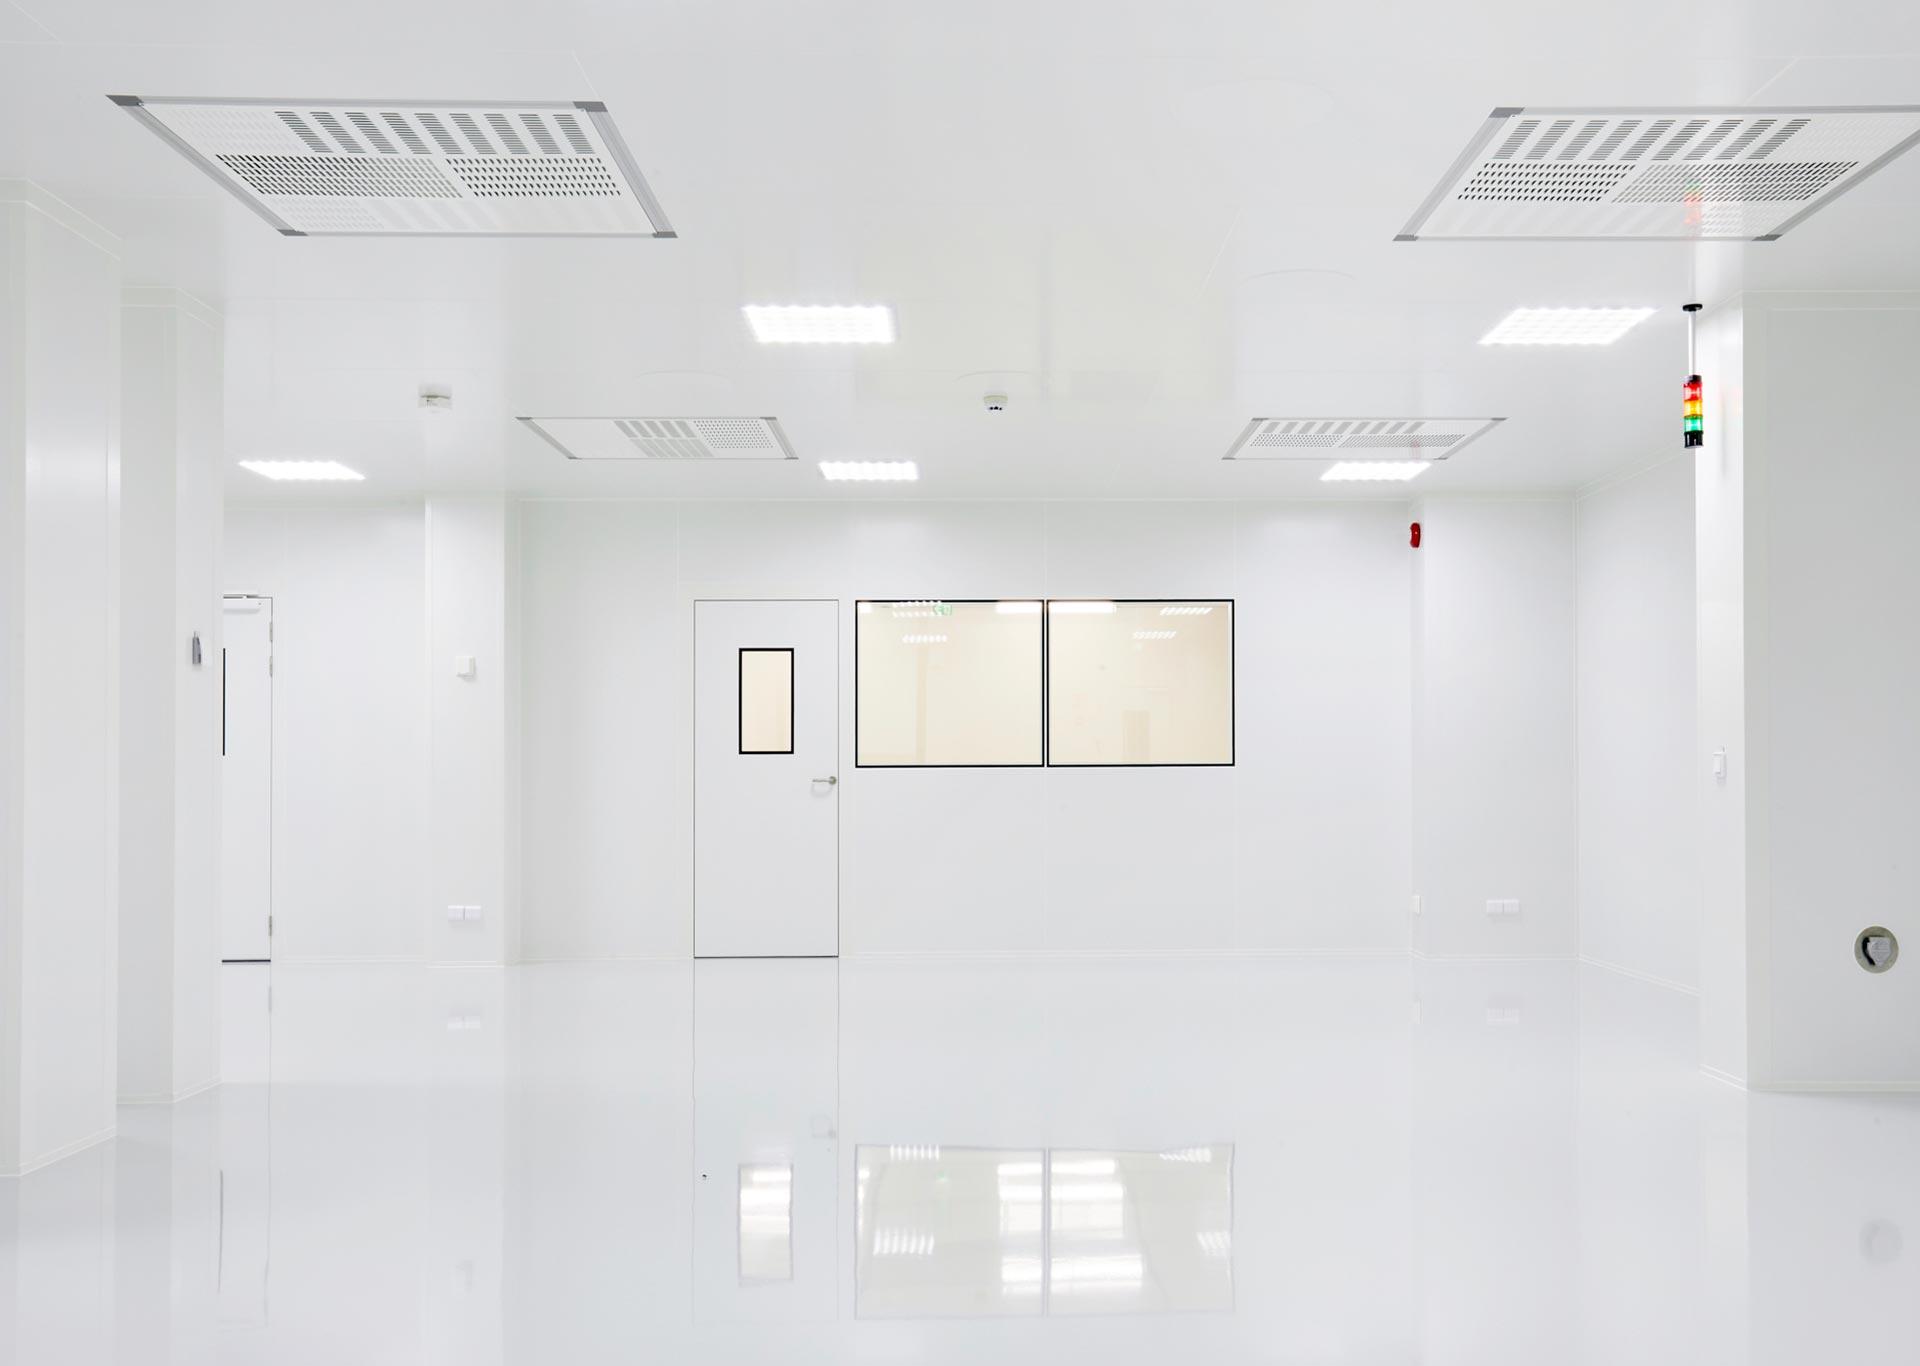 Salles blanches iso 5 pour Beneq en Finlande